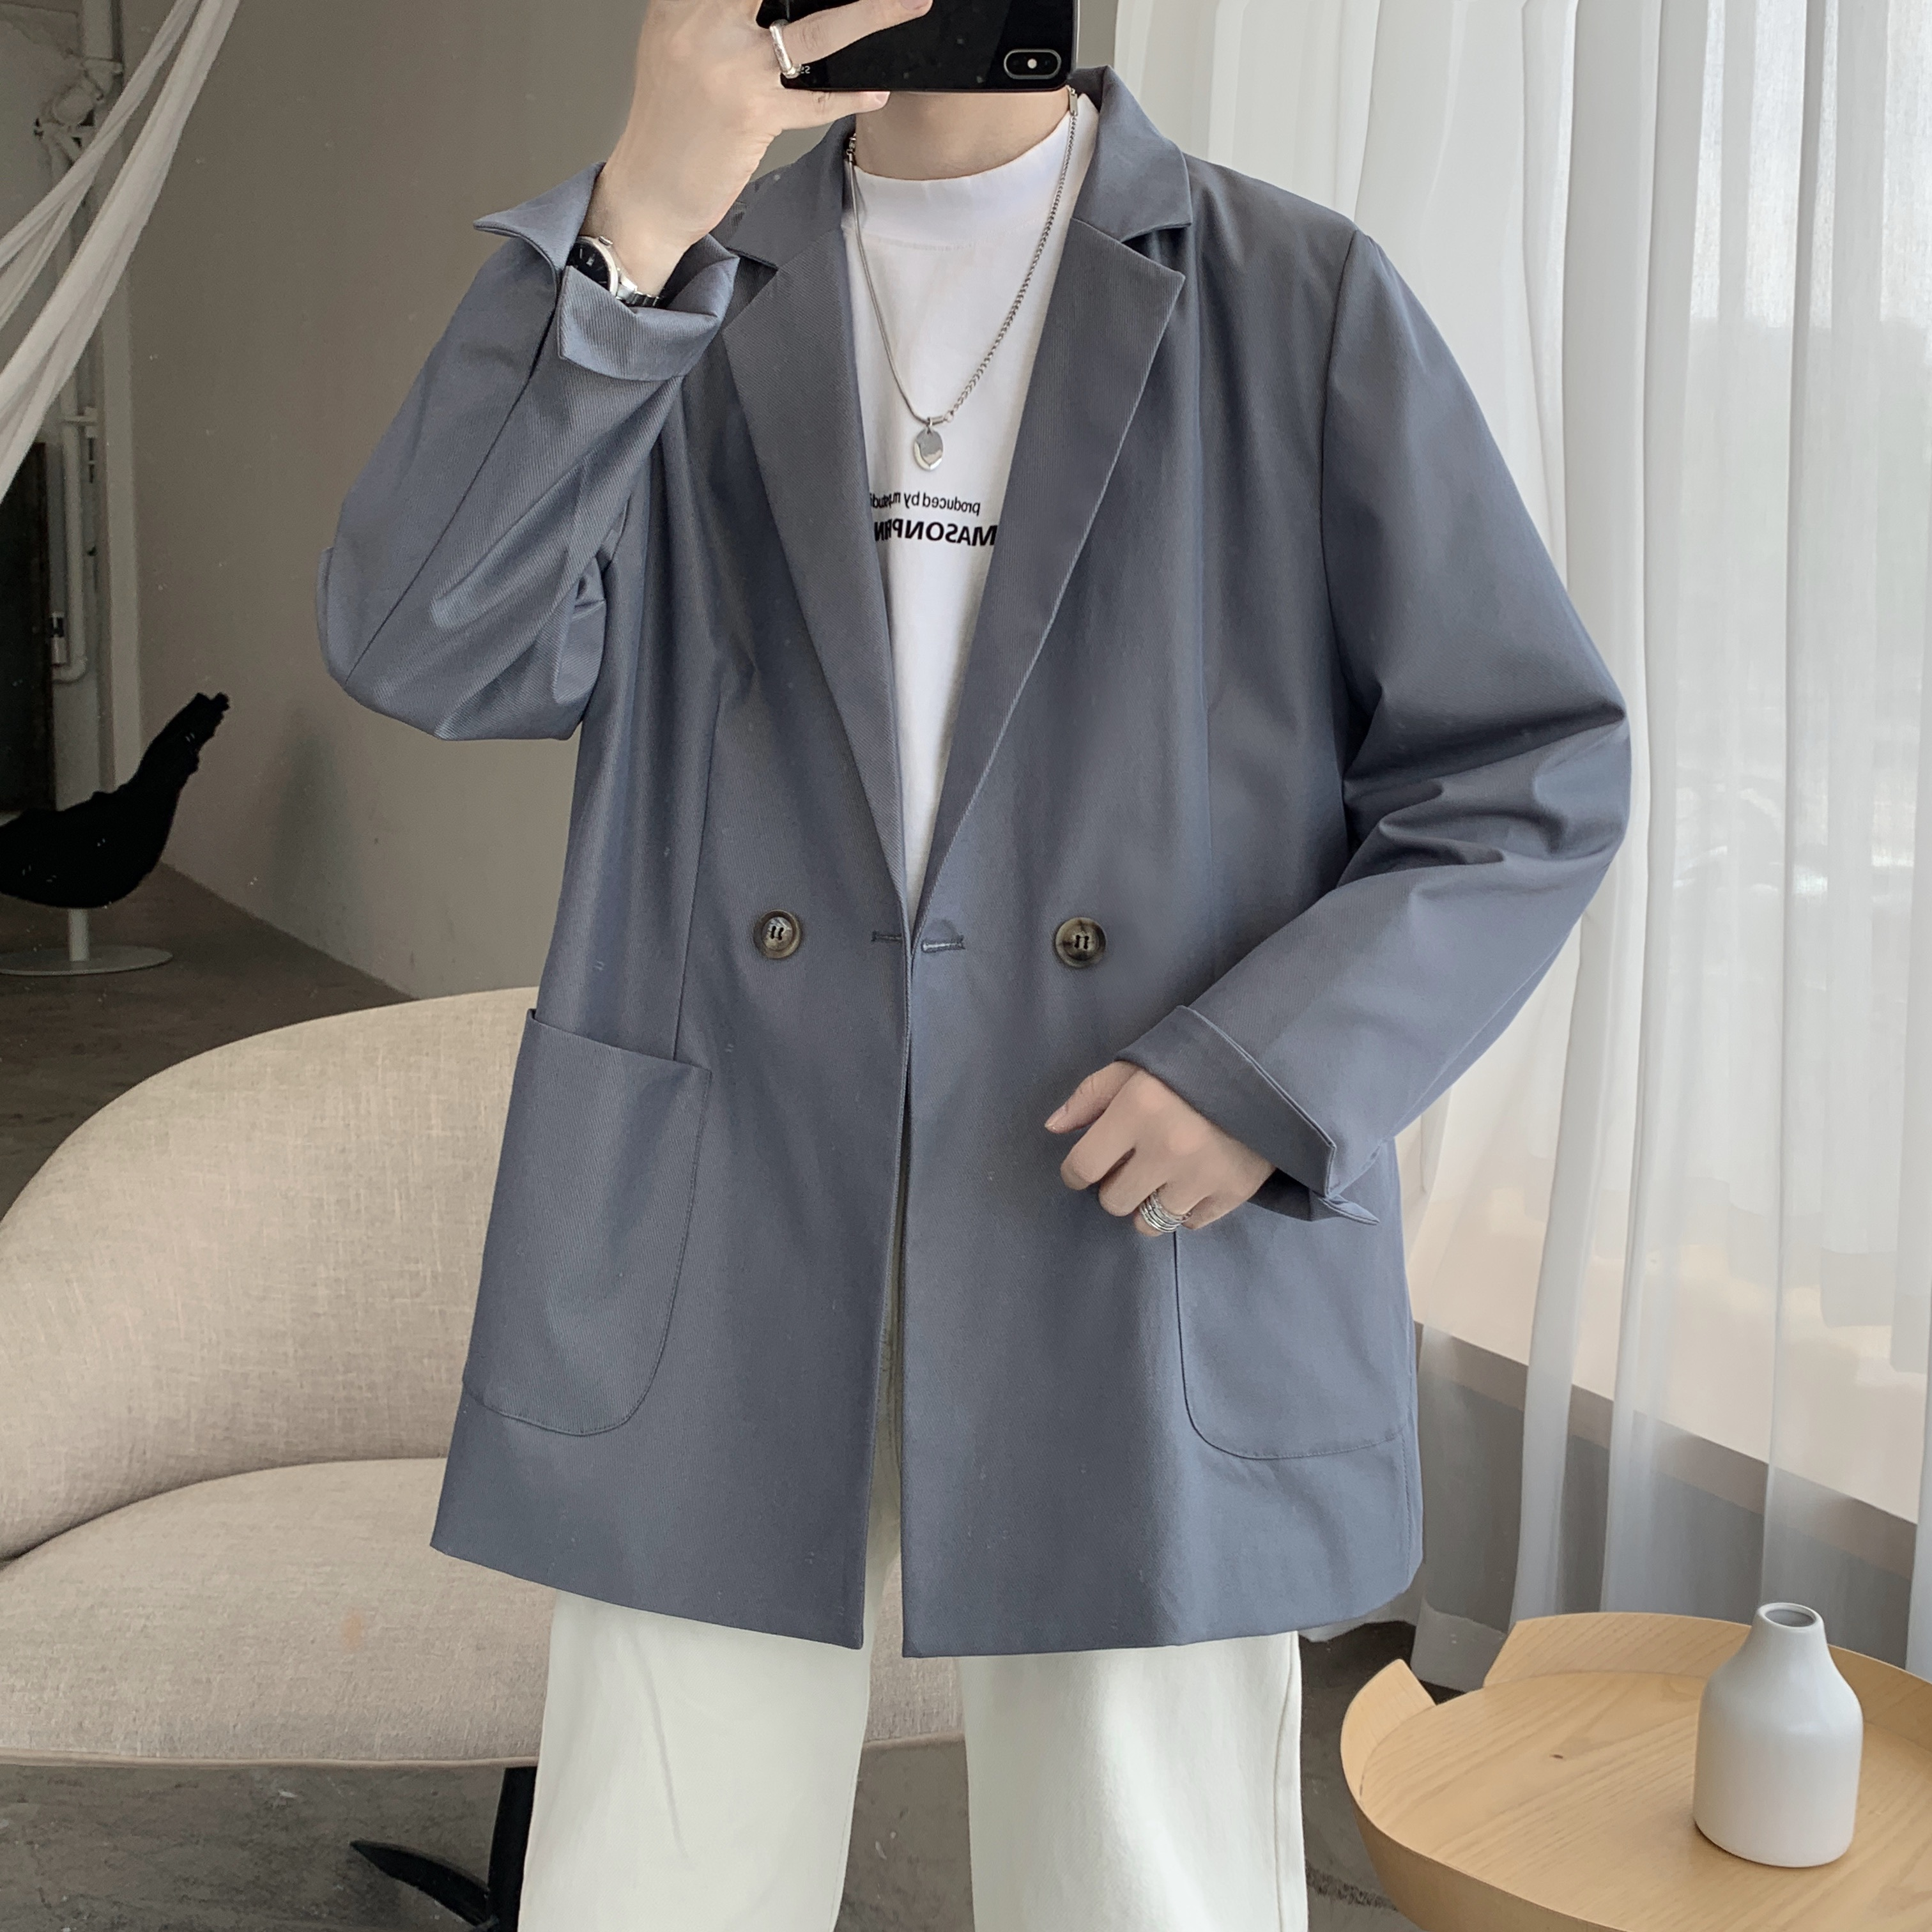 秋季新款男士潮流外套韩版高级感小西装  XZ609-XZ10-P80